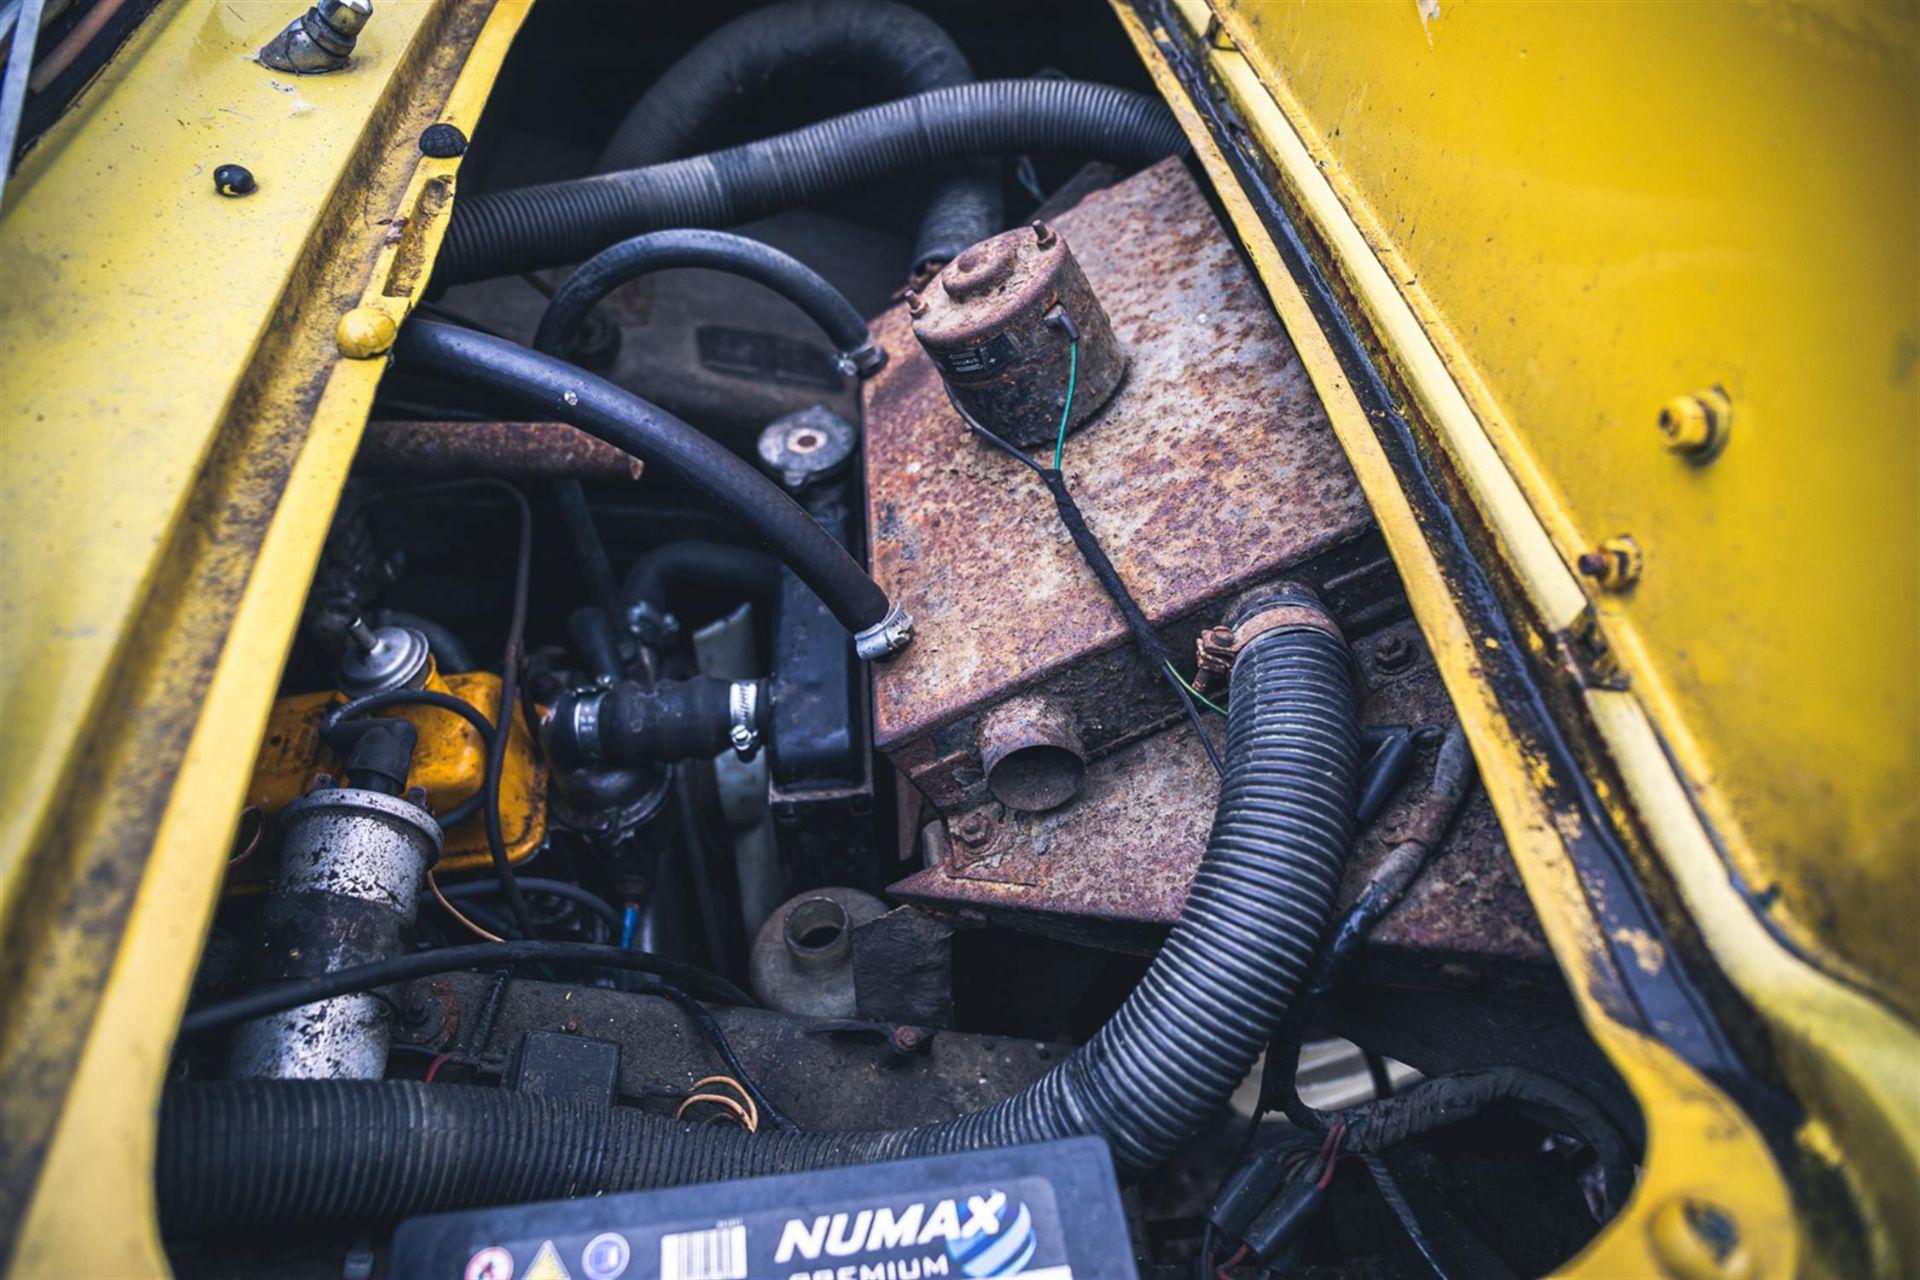 1972 Reliant Regal Supervan III (Trotters Independent Trading Van) - Image 9 of 10